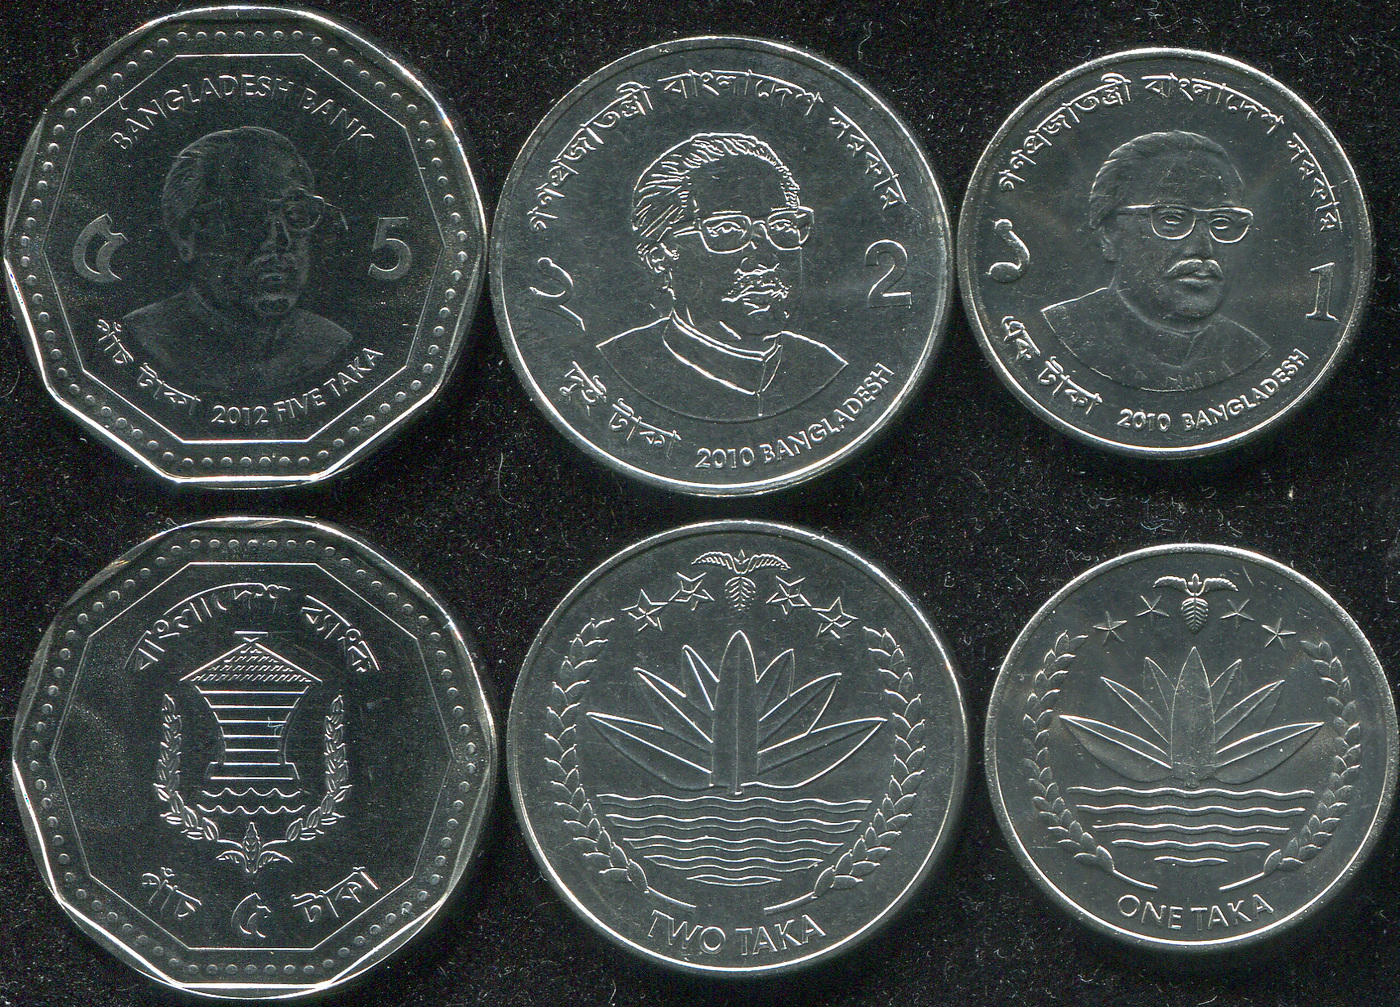 Бангладеш. Набор №5 (aUnc-Unc. 3 монеты) 2010-2012